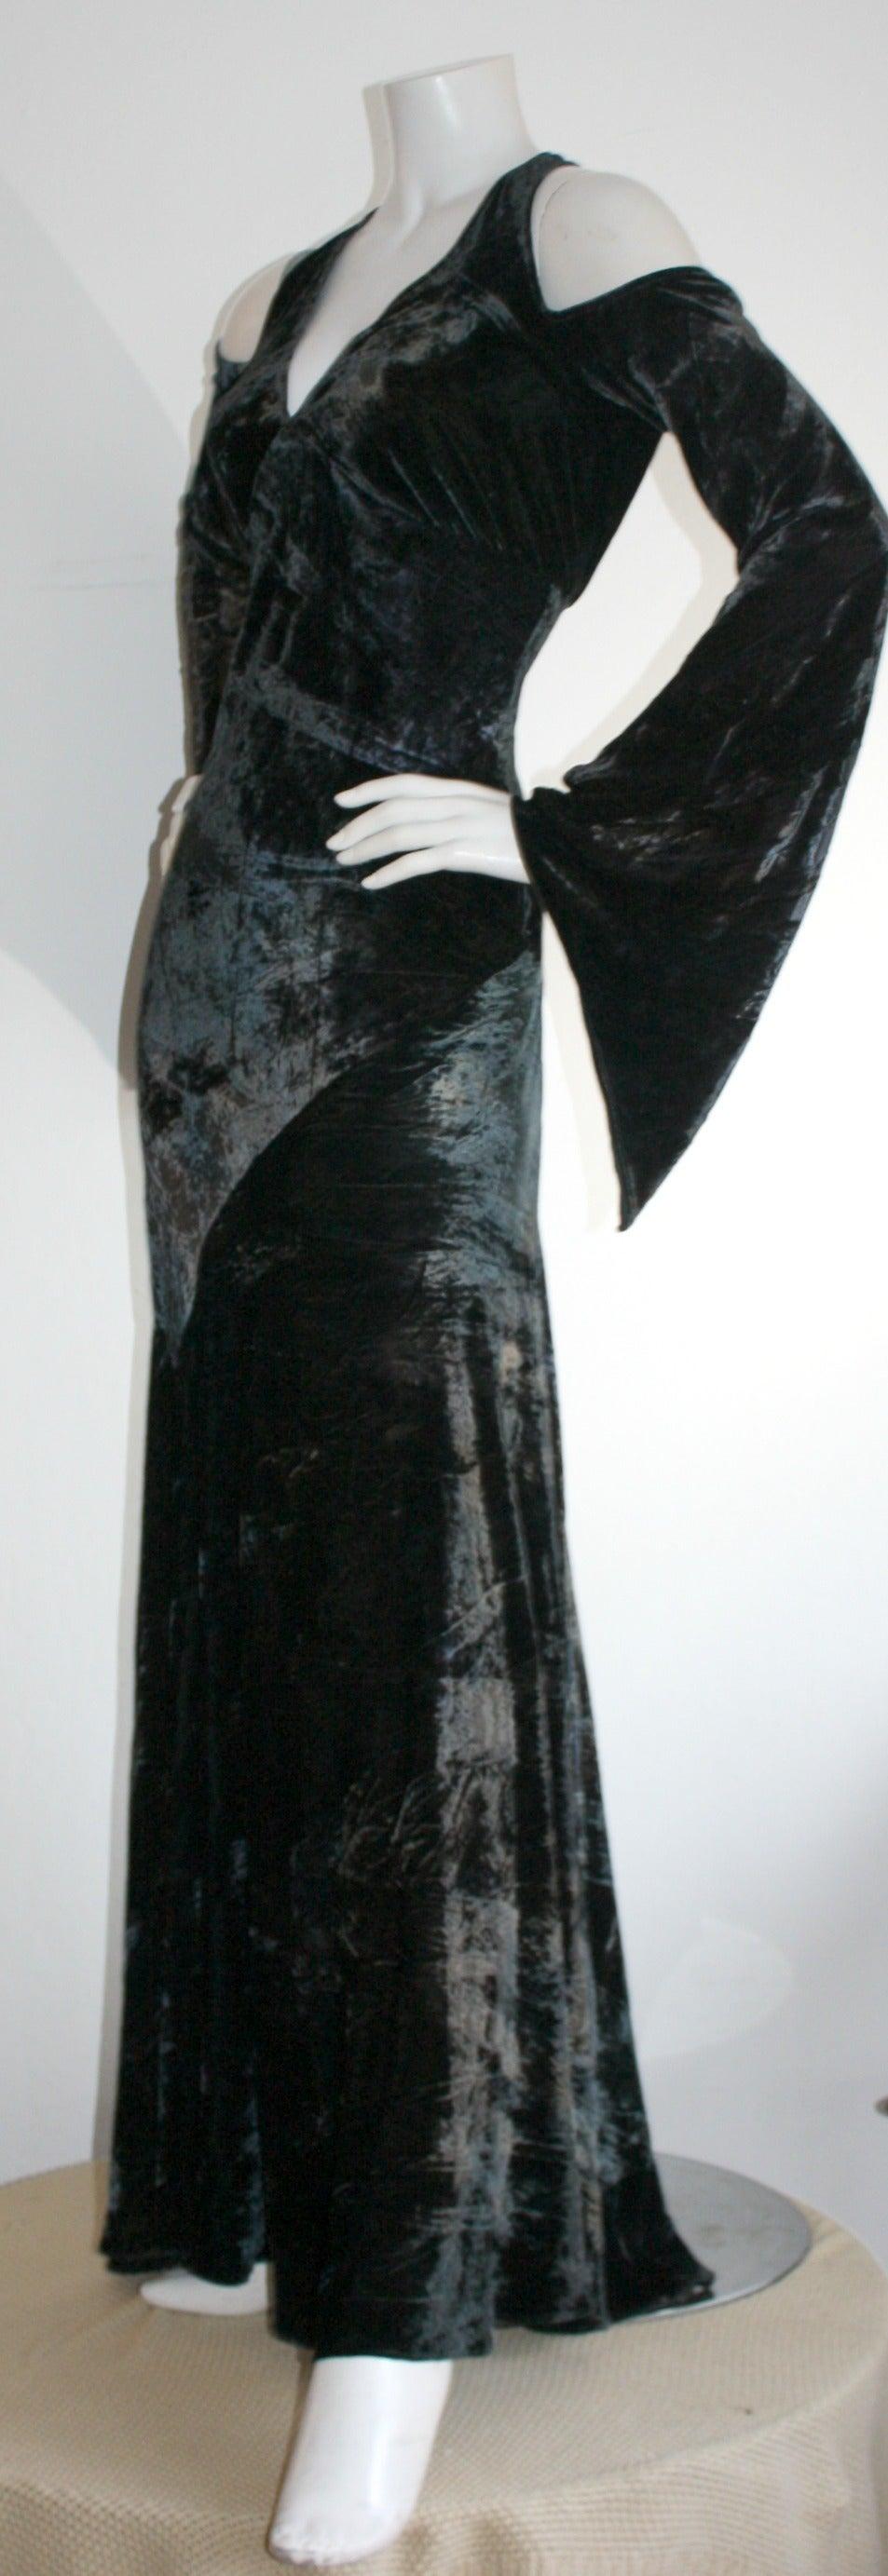 Vintage Donna Karan Ombré Crushed Velvet Blue & Green Open Back Runway Gown For Sale 2